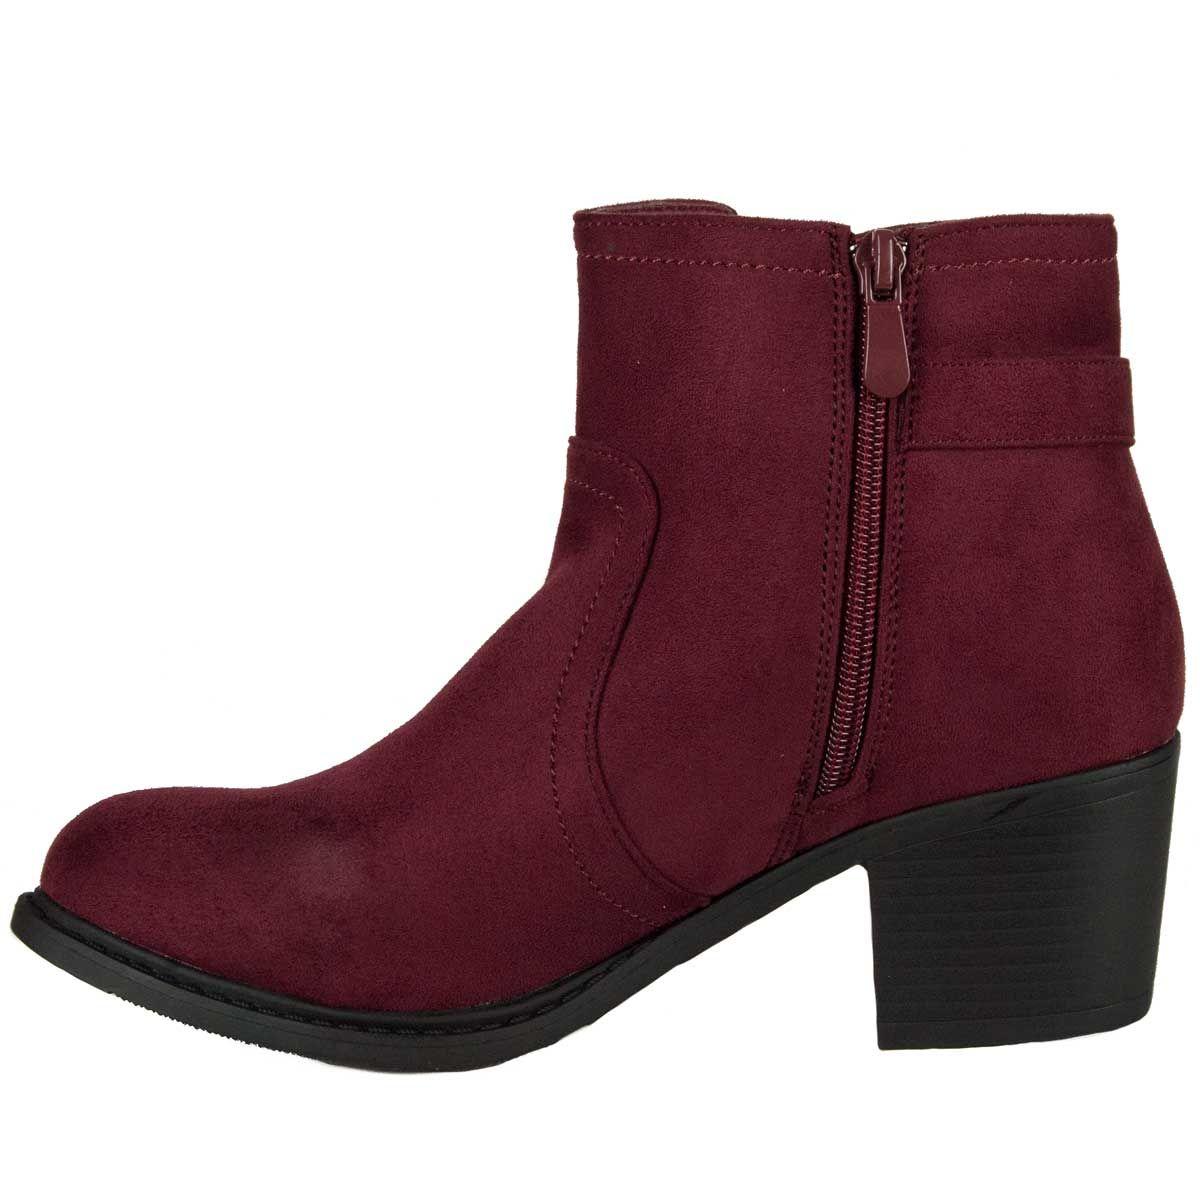 Montevita Buckle Ankle Boot in Bordo